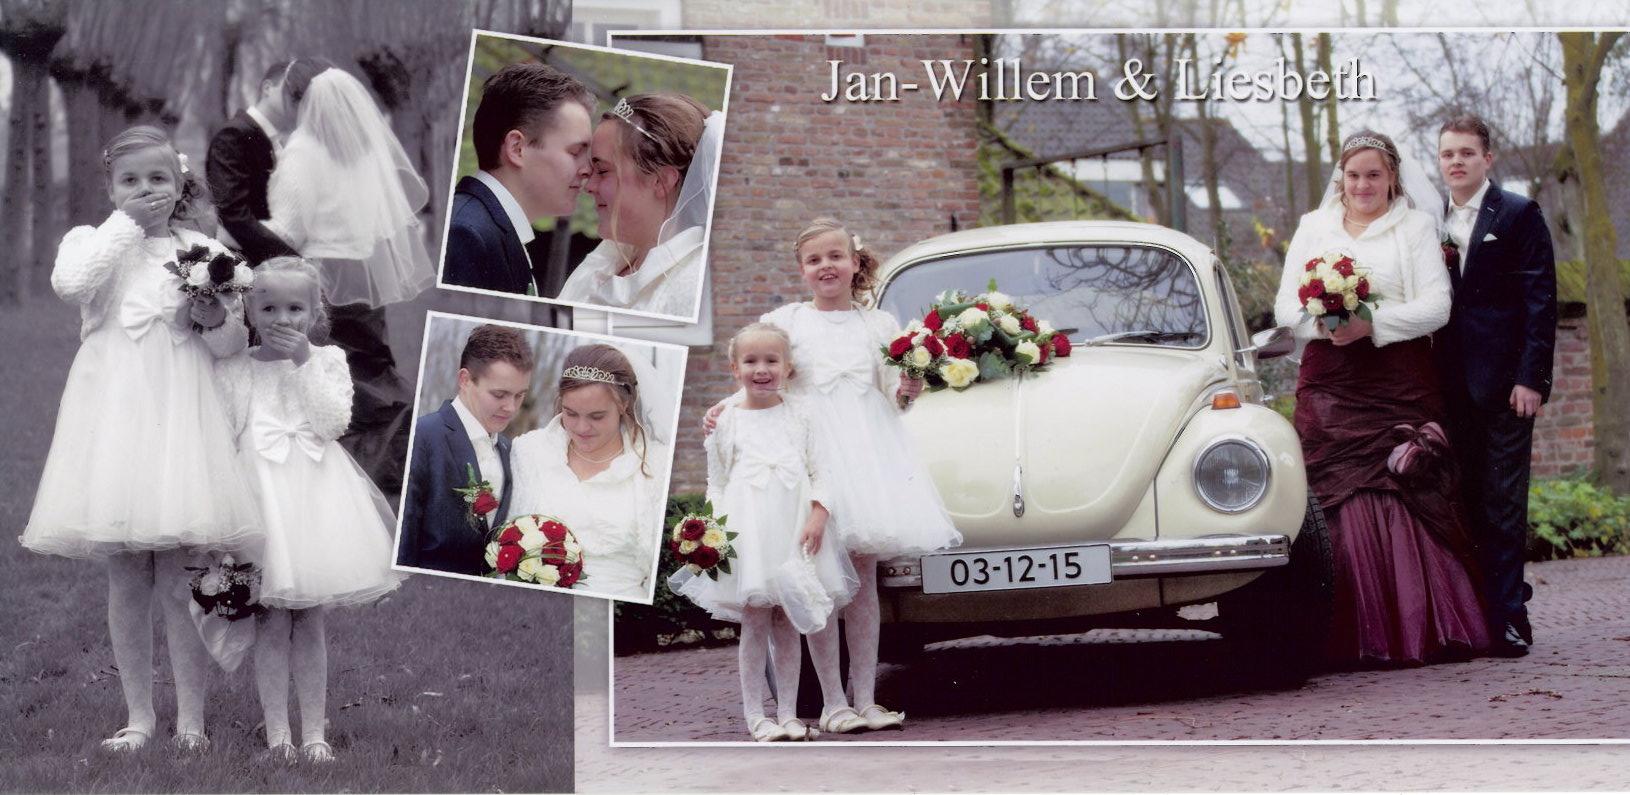 15-12-03 bruidspaar Jan-Willem Rozendaal - Liesbeth Slingerland